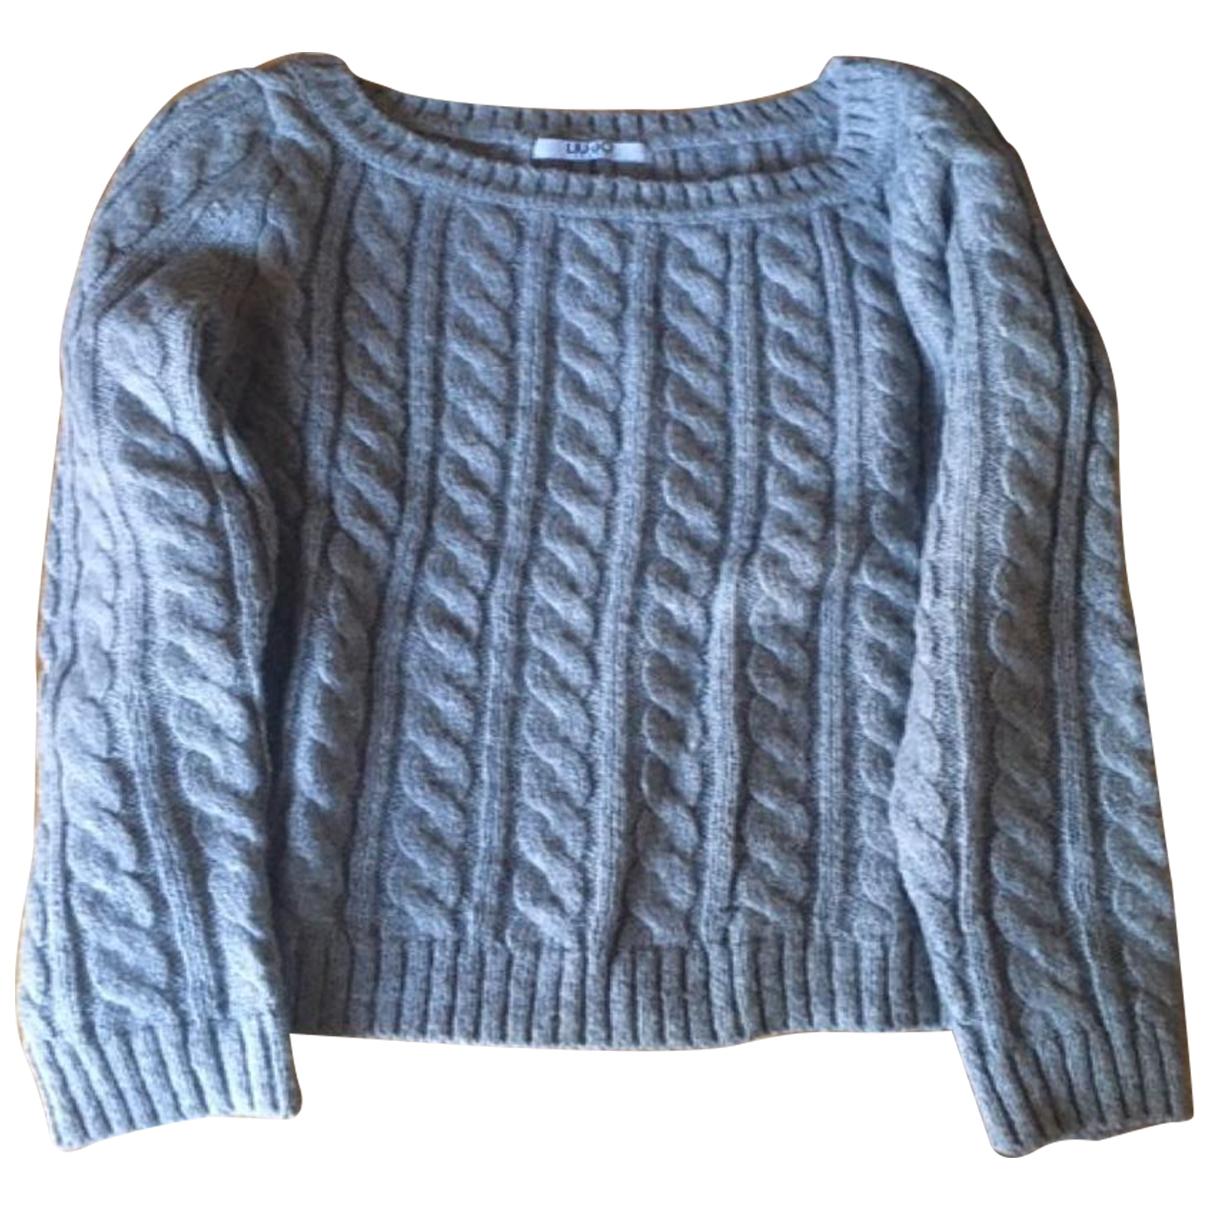 Liu.jo \N Grey Wool Knitwear for Women S International